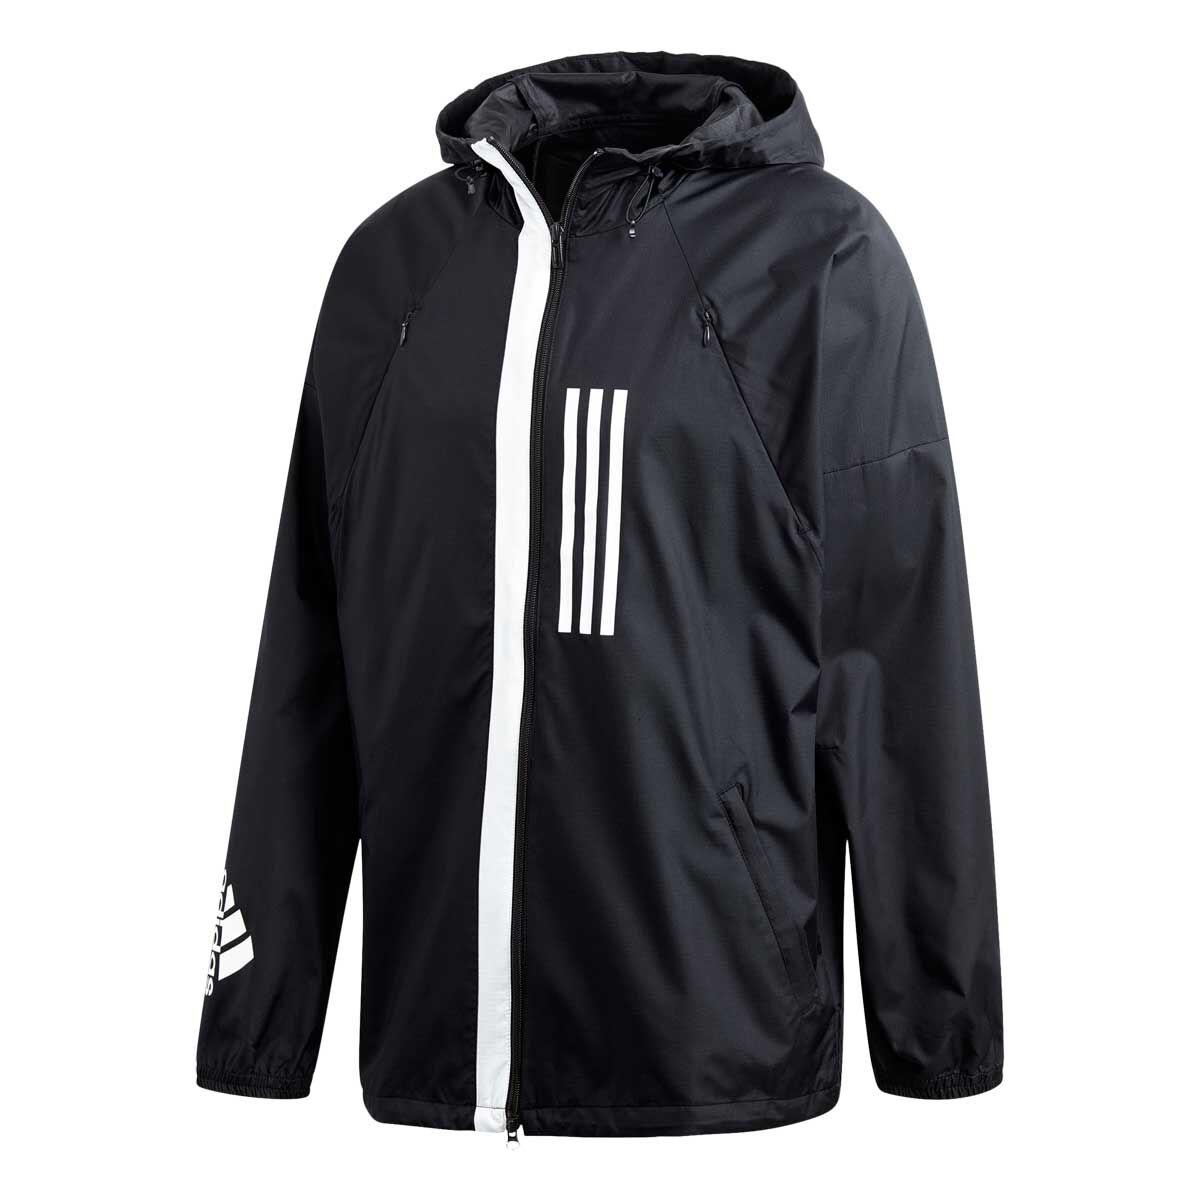 adidas Wind Jacket Black Black Mens Clothing | Pro